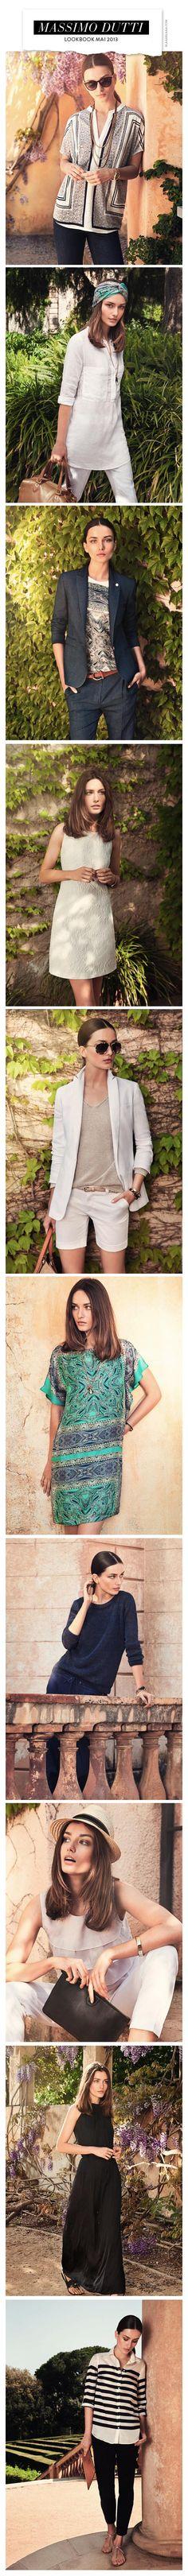 Andreea Diaconu for Massimo Dutti Lookbook Mai 2013